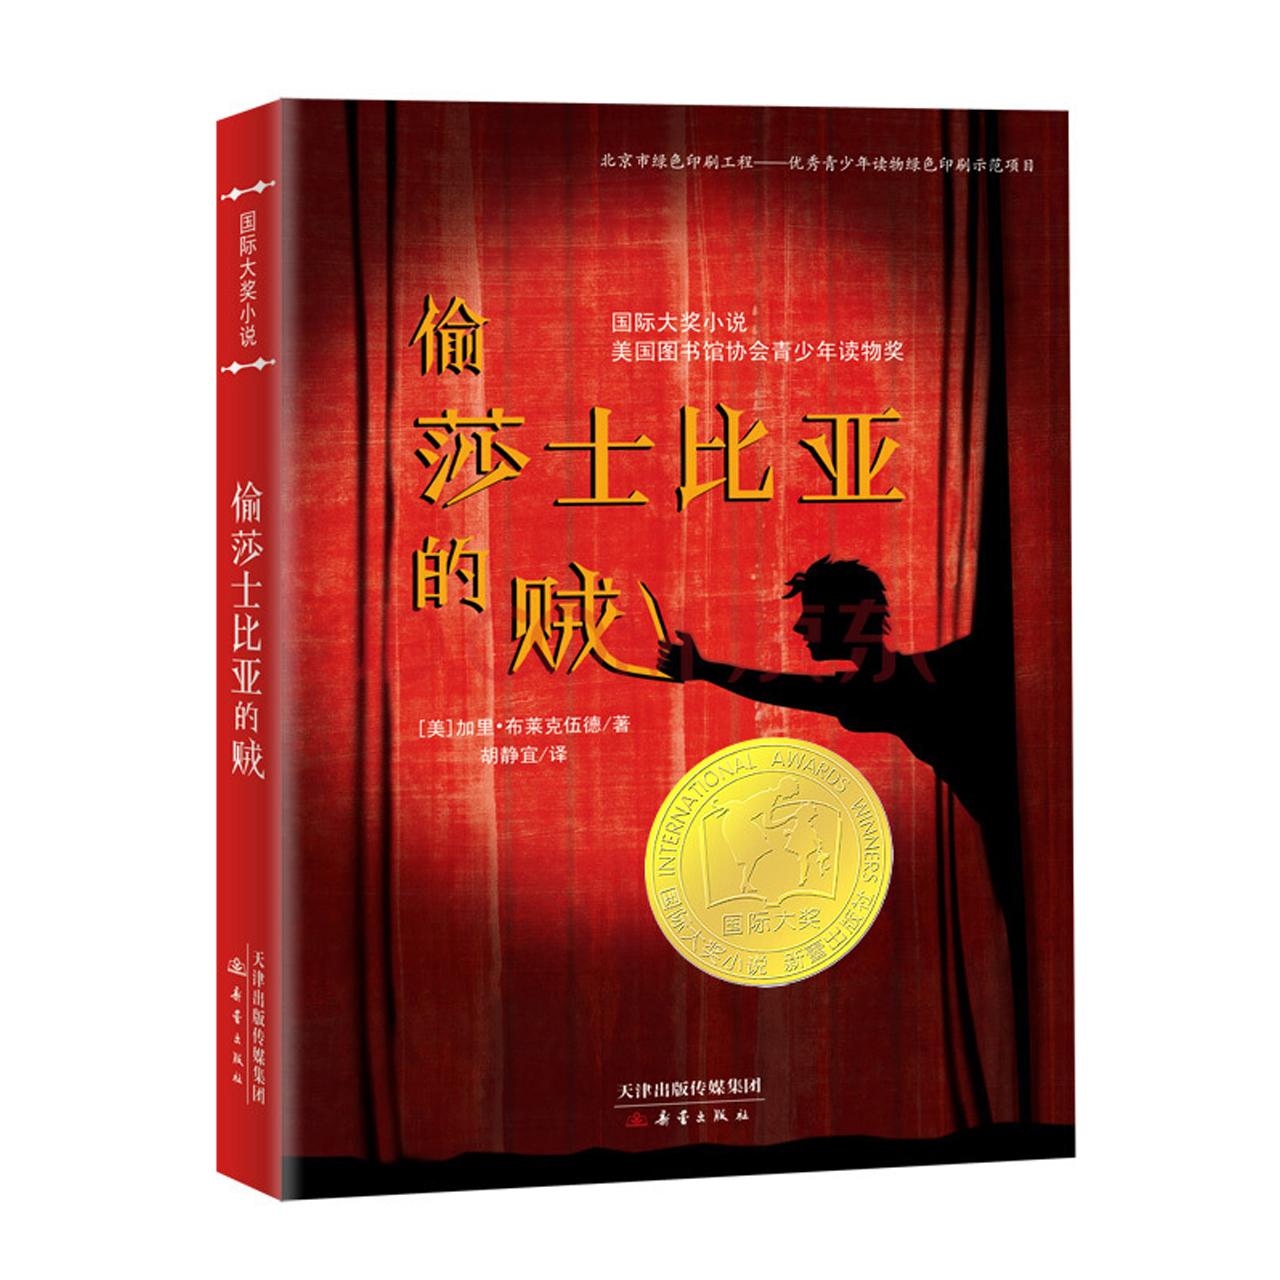 国际大奖小说——偷莎士比亚的贼【儿童小说/翻译文学/美洲文学】